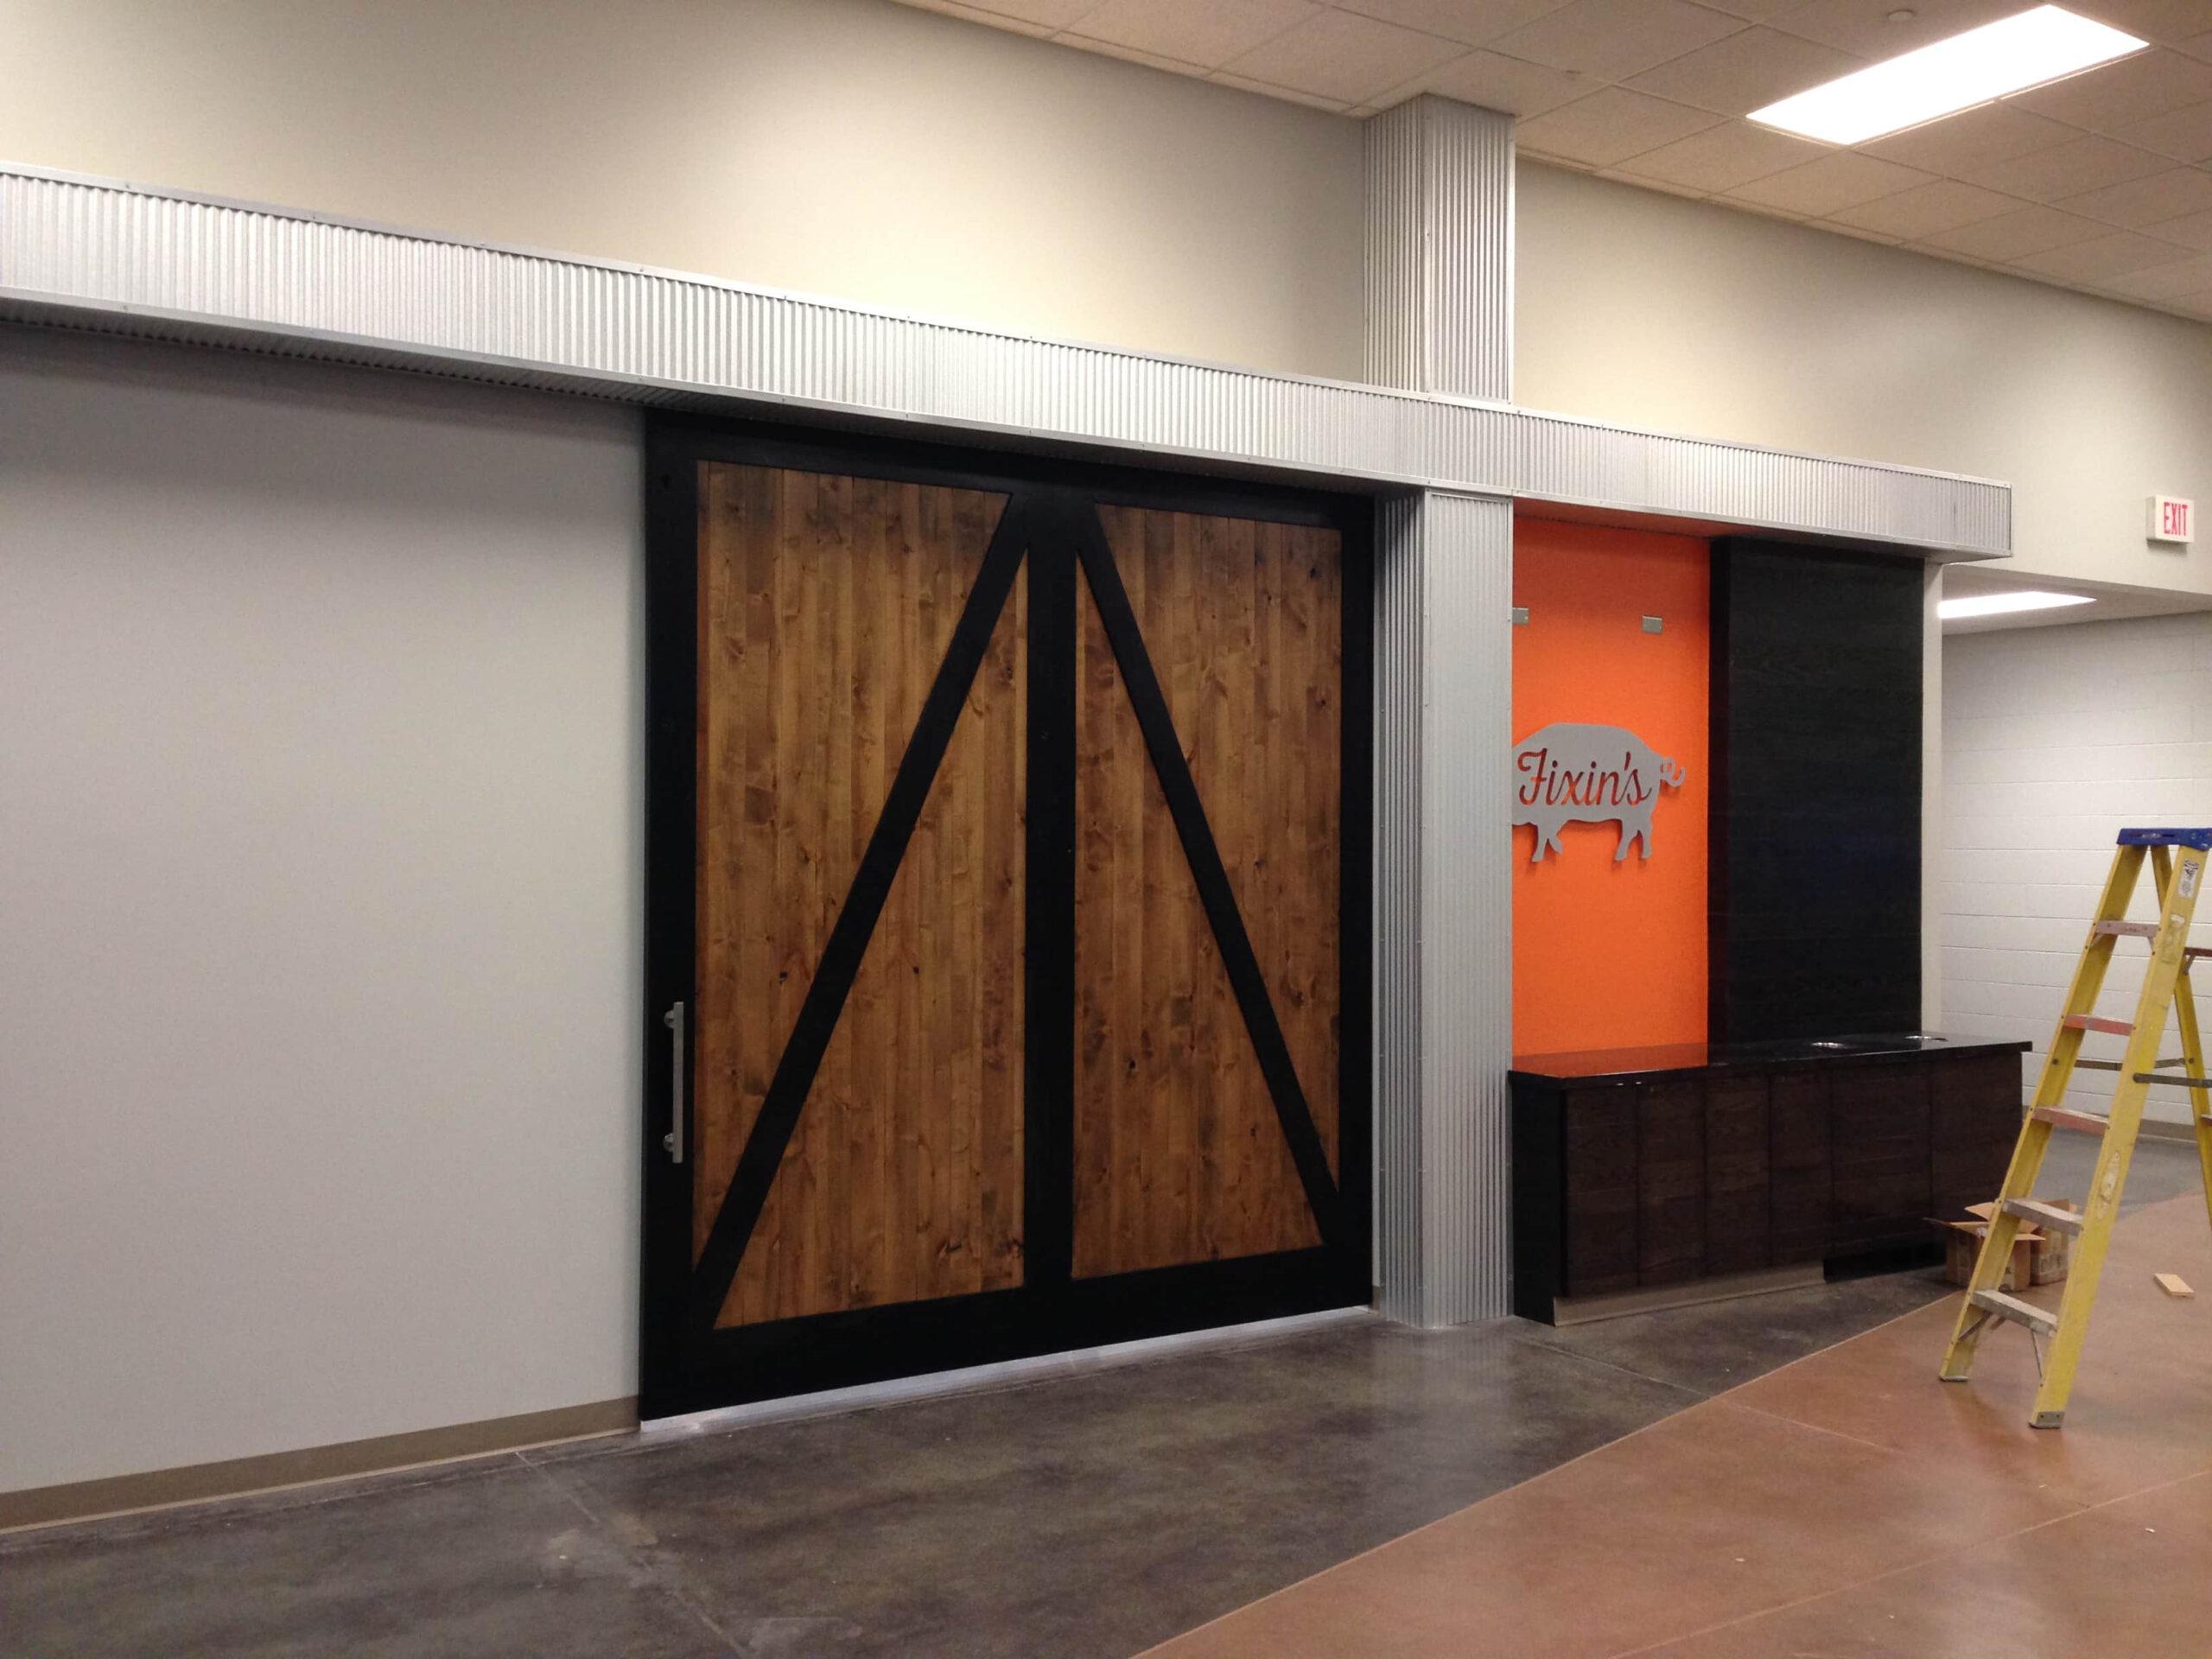 7. Back-to-back Z brace design – Single sliding door; Lancaster Event Center Lincoln, NE